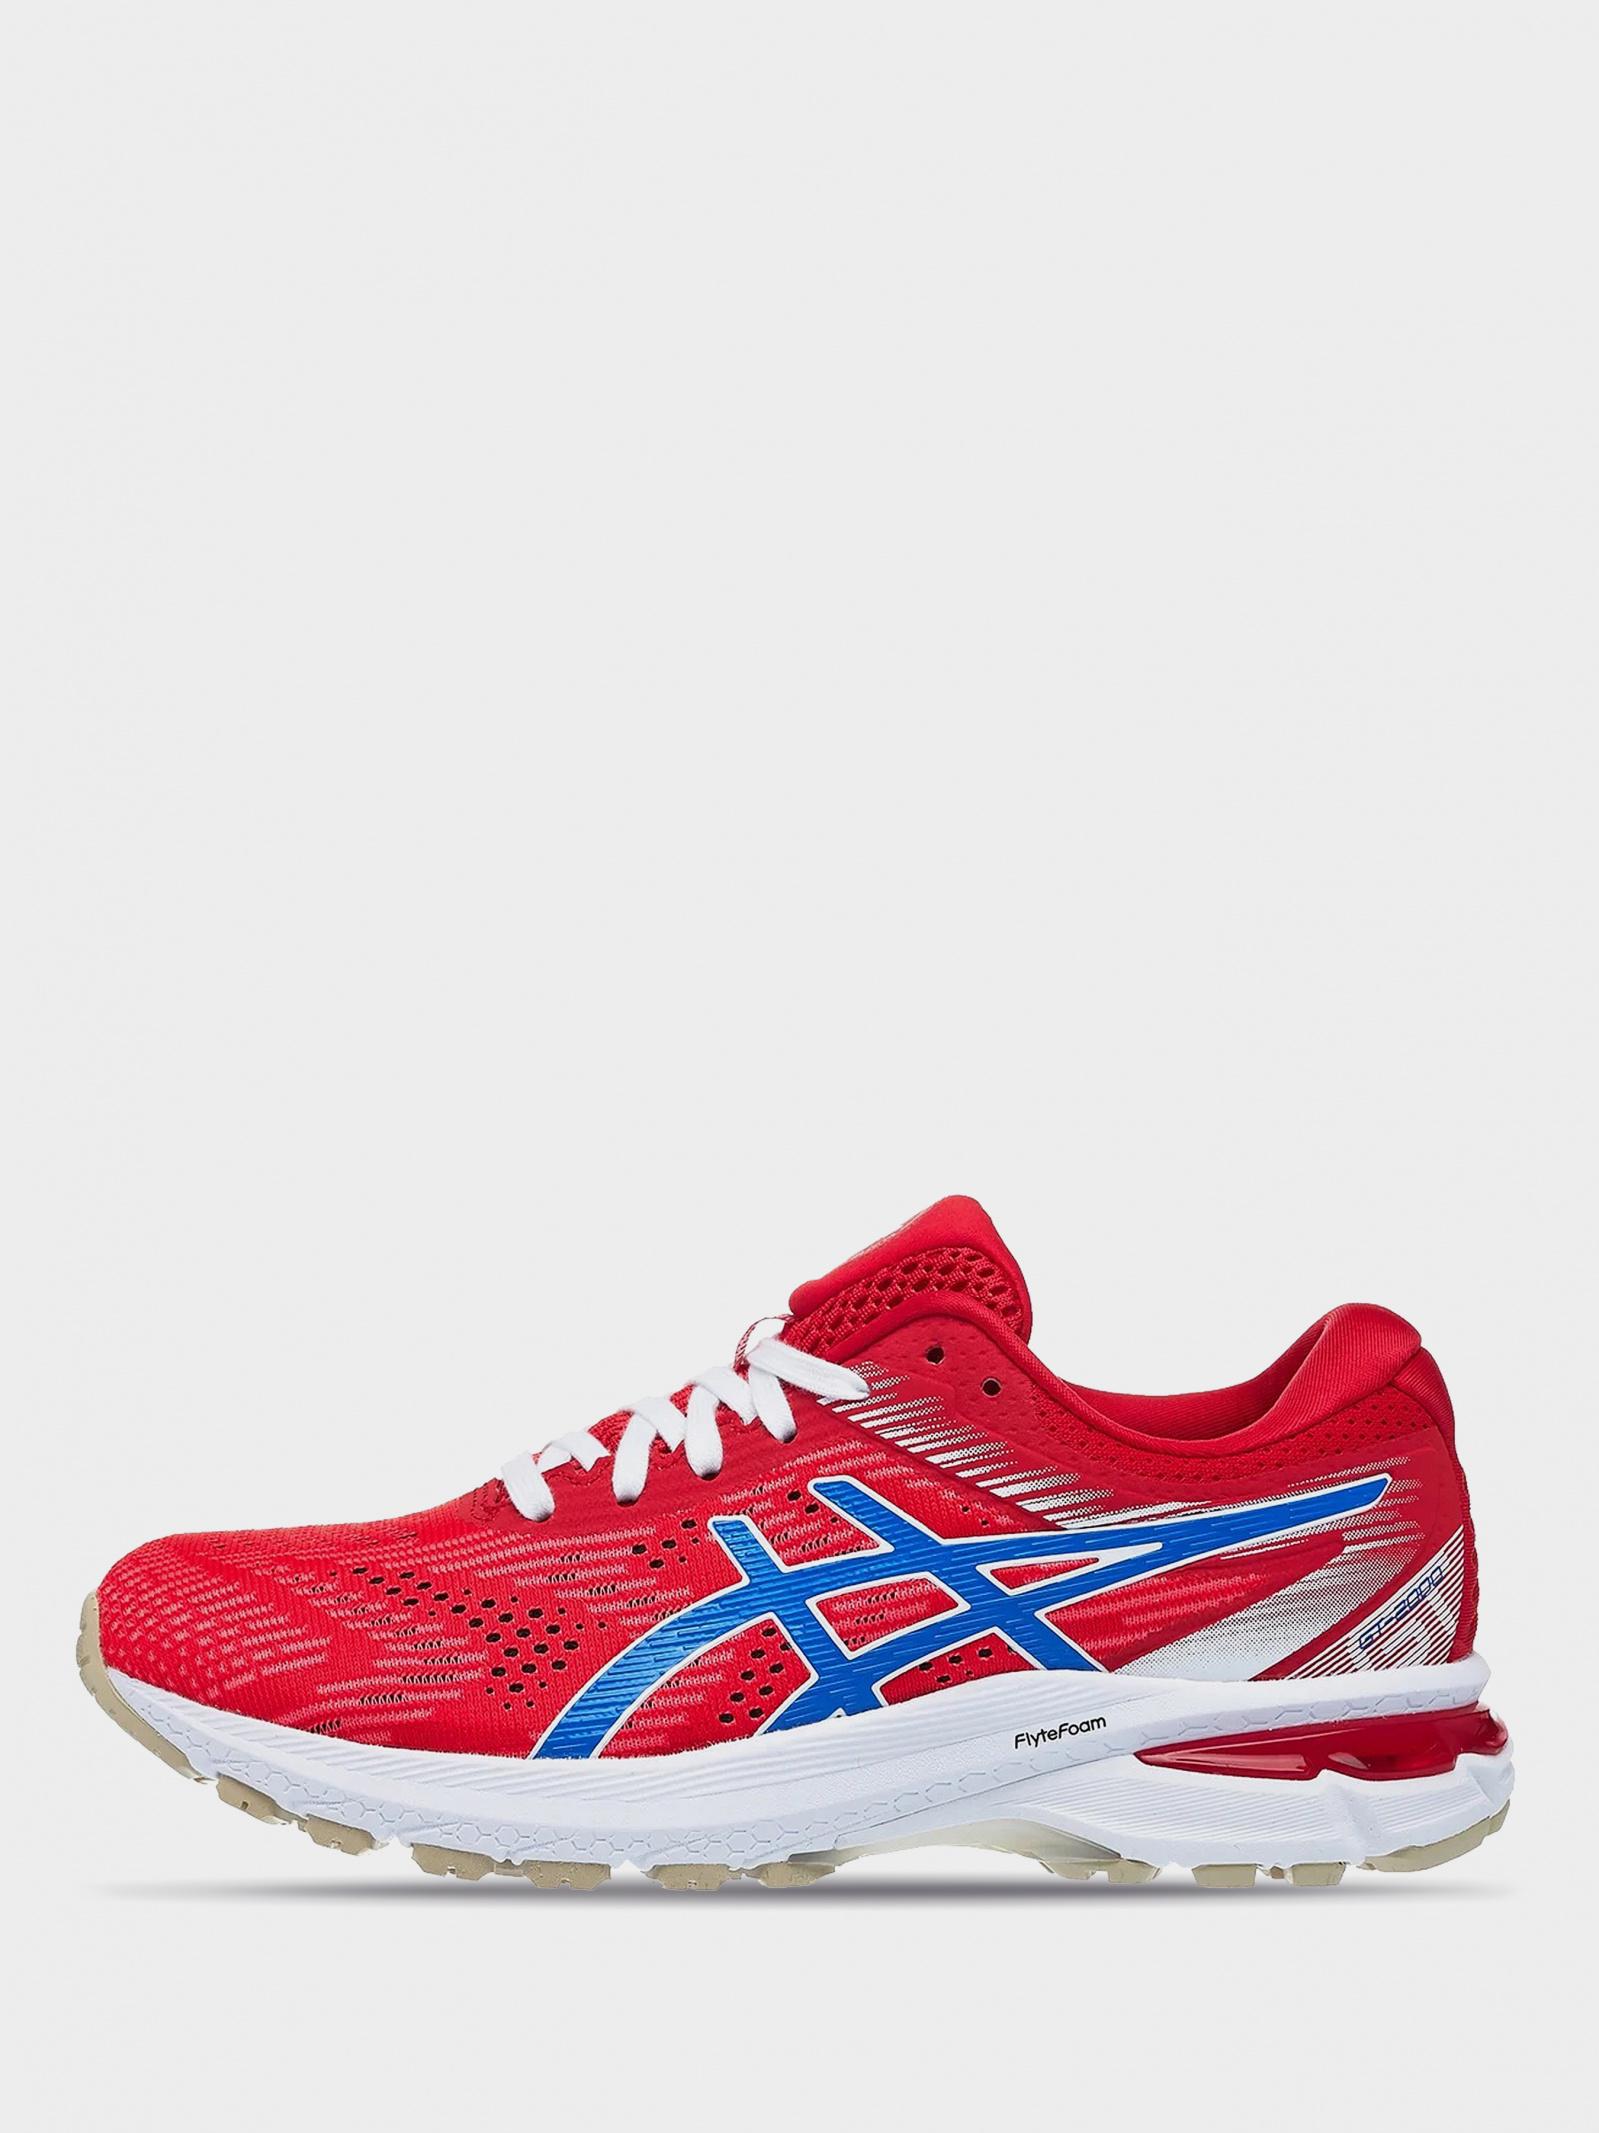 Кросівки  для жінок Asics GT-2000 8 1012A656-600 продаж, 2017